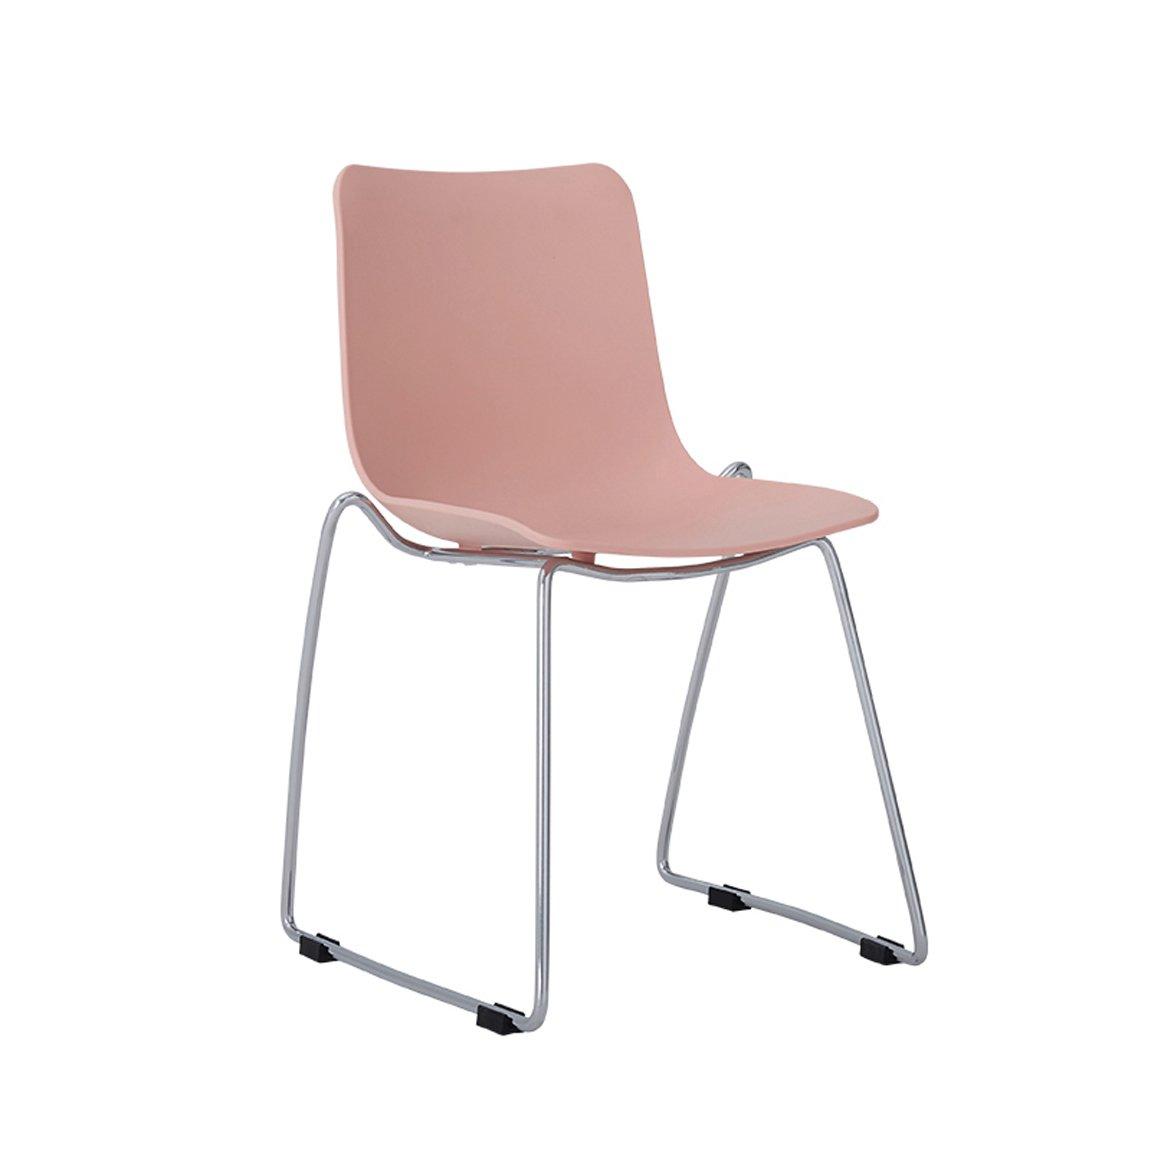 HLQW ノルディック現代子供の椅子、背もたれラーニングチェア、シューズスツールの交換 B07RTQTNK6